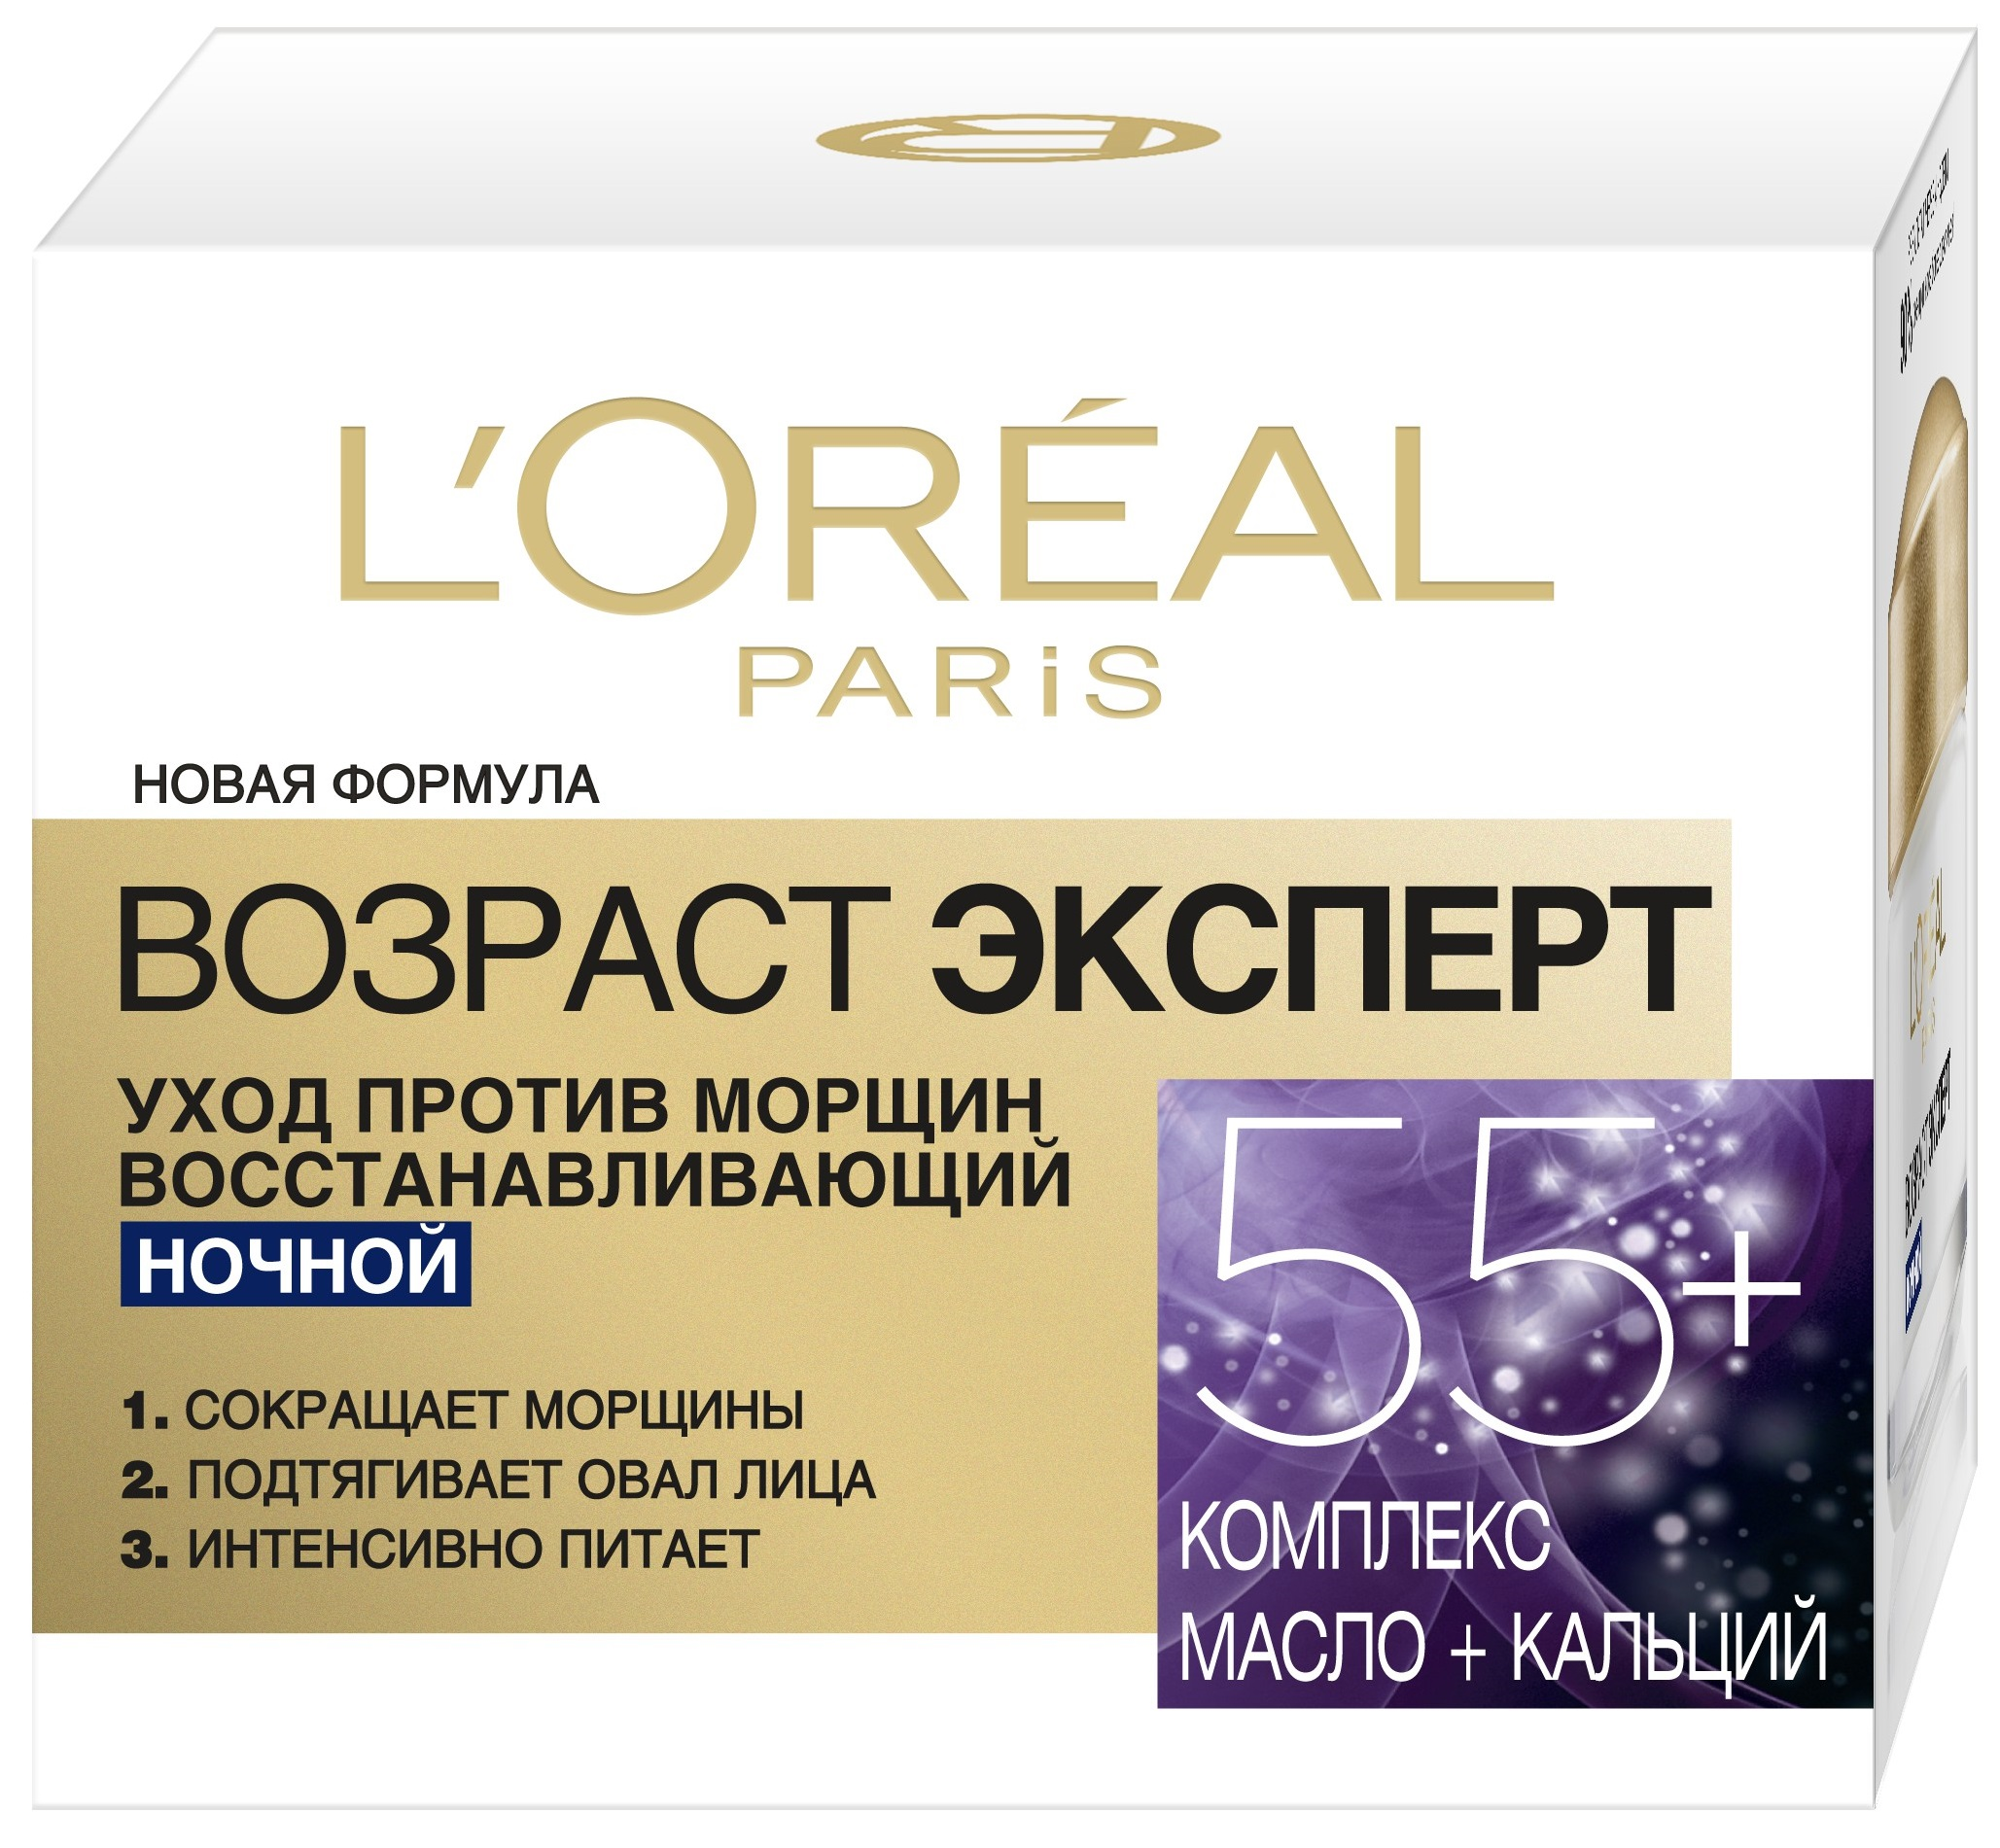 LOreal Paris Ночной антивозрастной крем Возраст эксперт 55+ против морщин, восстанавливающий, 50 млA8126300Ночной антивозрастной крем для лица «Возраст Эксперт 55+» от Лореаль Париж — эффективное средство для борьбы с признаками старения. Уникальная формула крема работает одновременно в трёх направлениях: сокращает морщины, подтягивает овал лица и интенсивно питает кожу.Комплекс масел интенсивно питает кожу, предотвращая возникновение ощущения сухости и стянутости, кальций способствует восстановлению защитного барьера кожи.